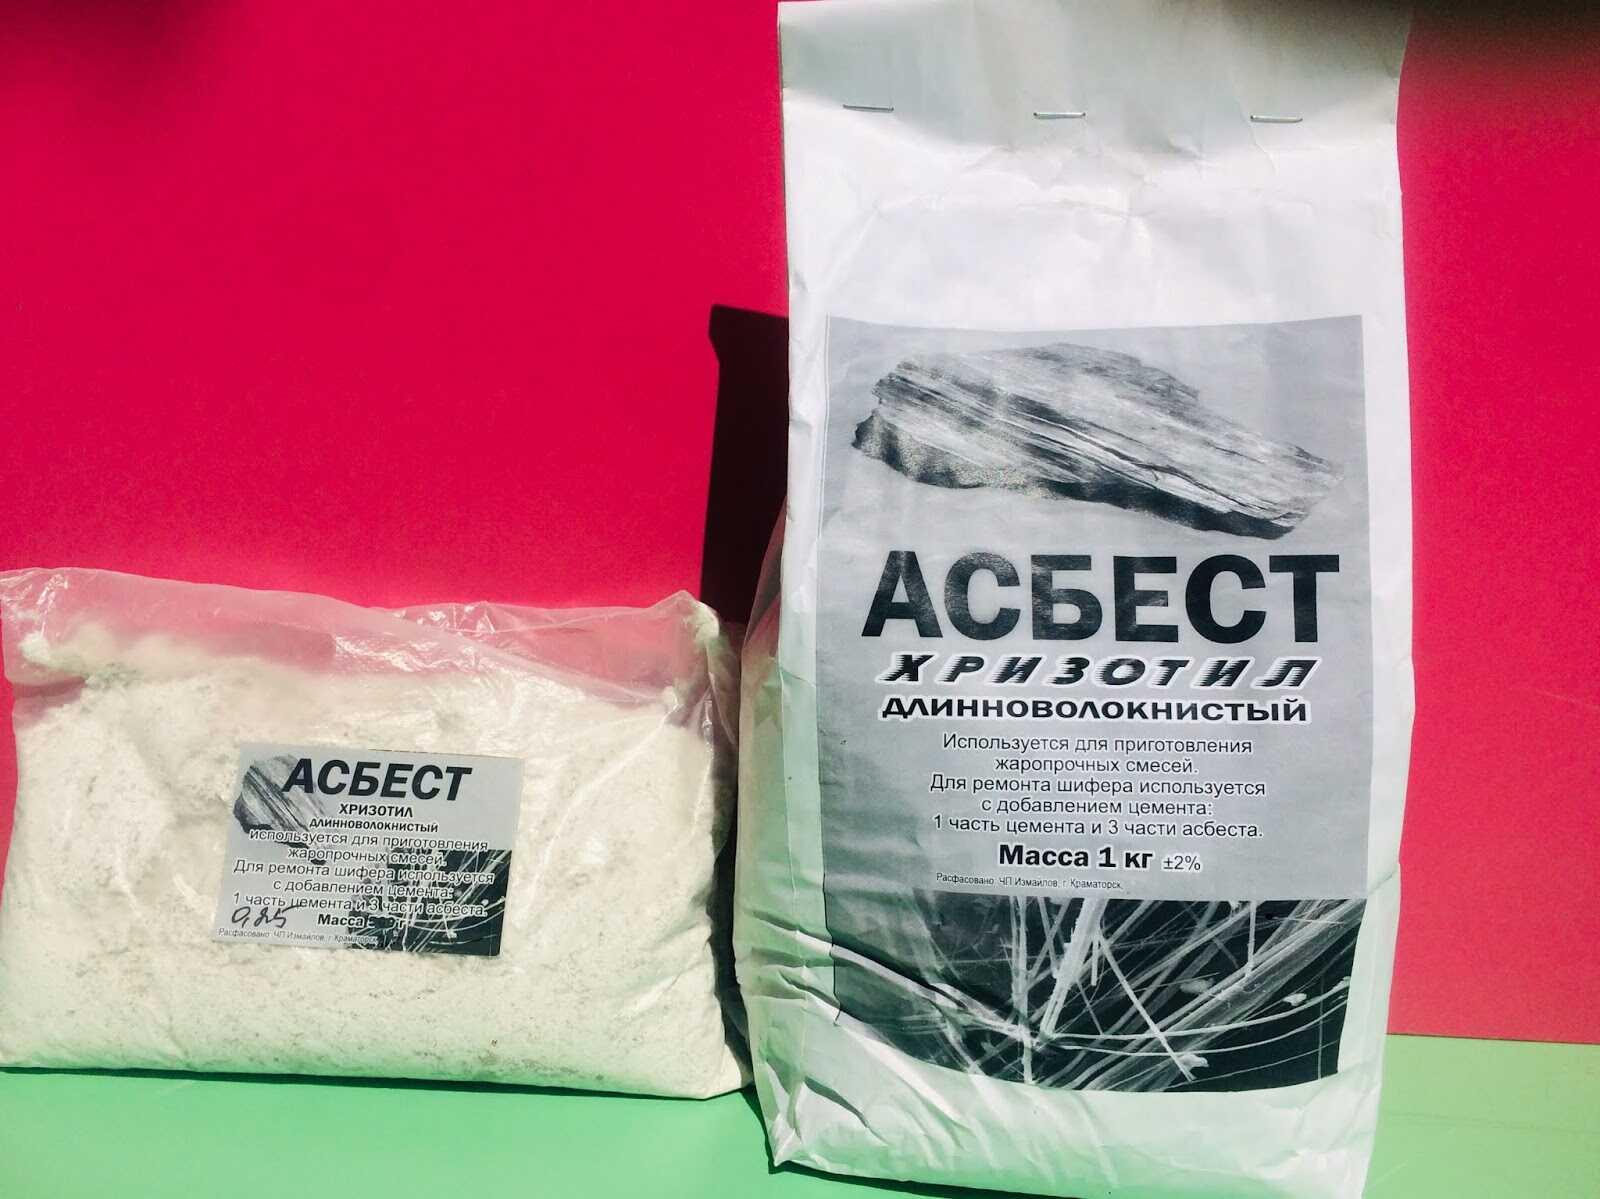 Весовой хризотил-асбест